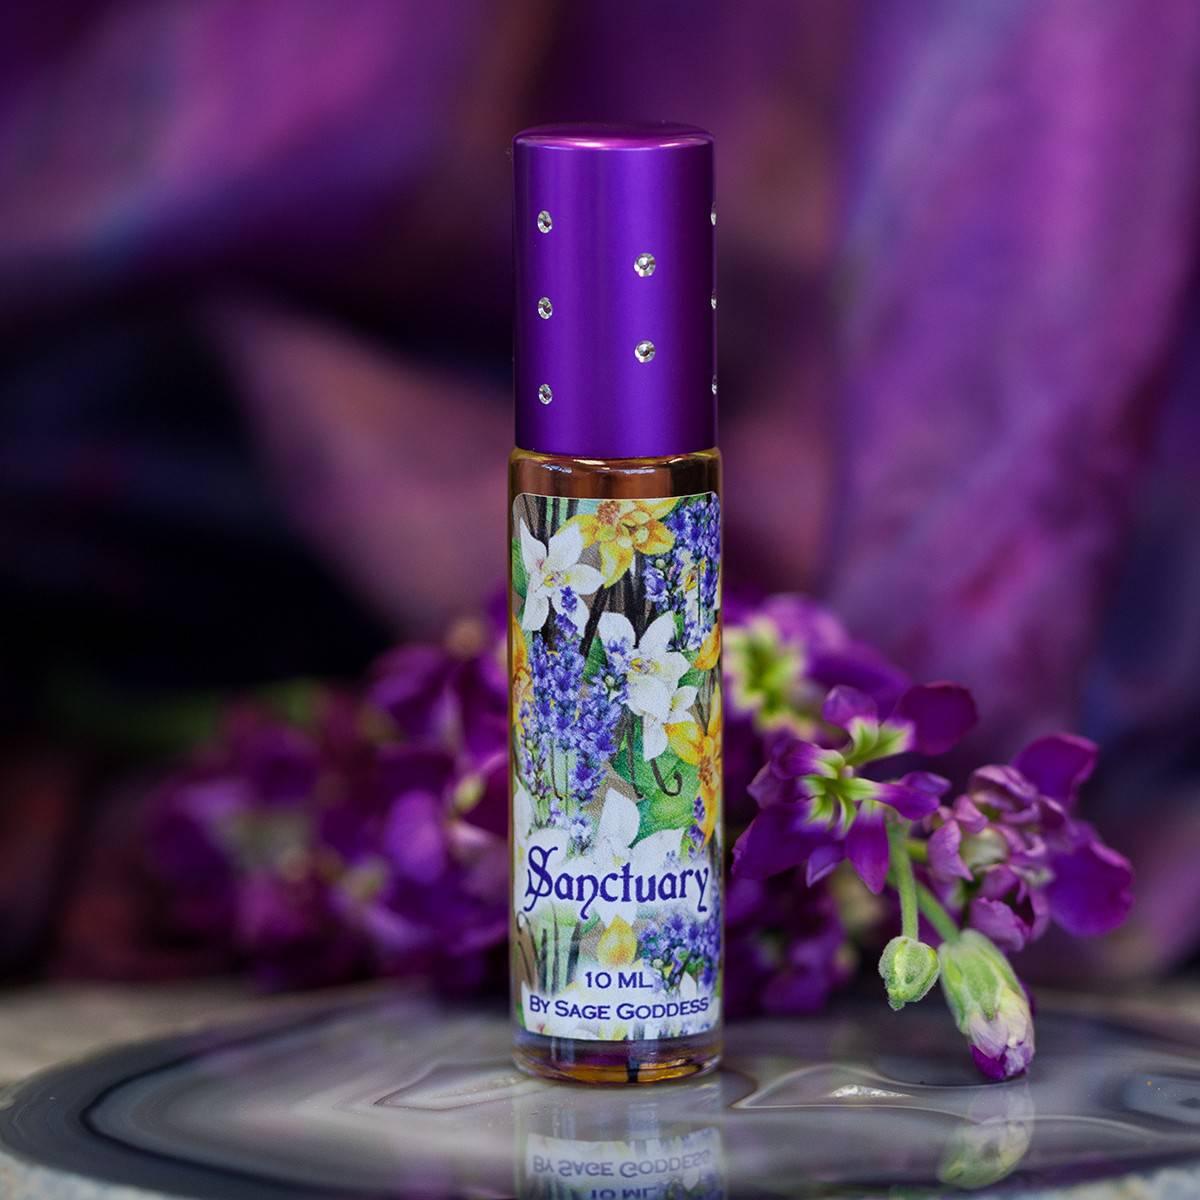 Sanctuary Perfume 4_10